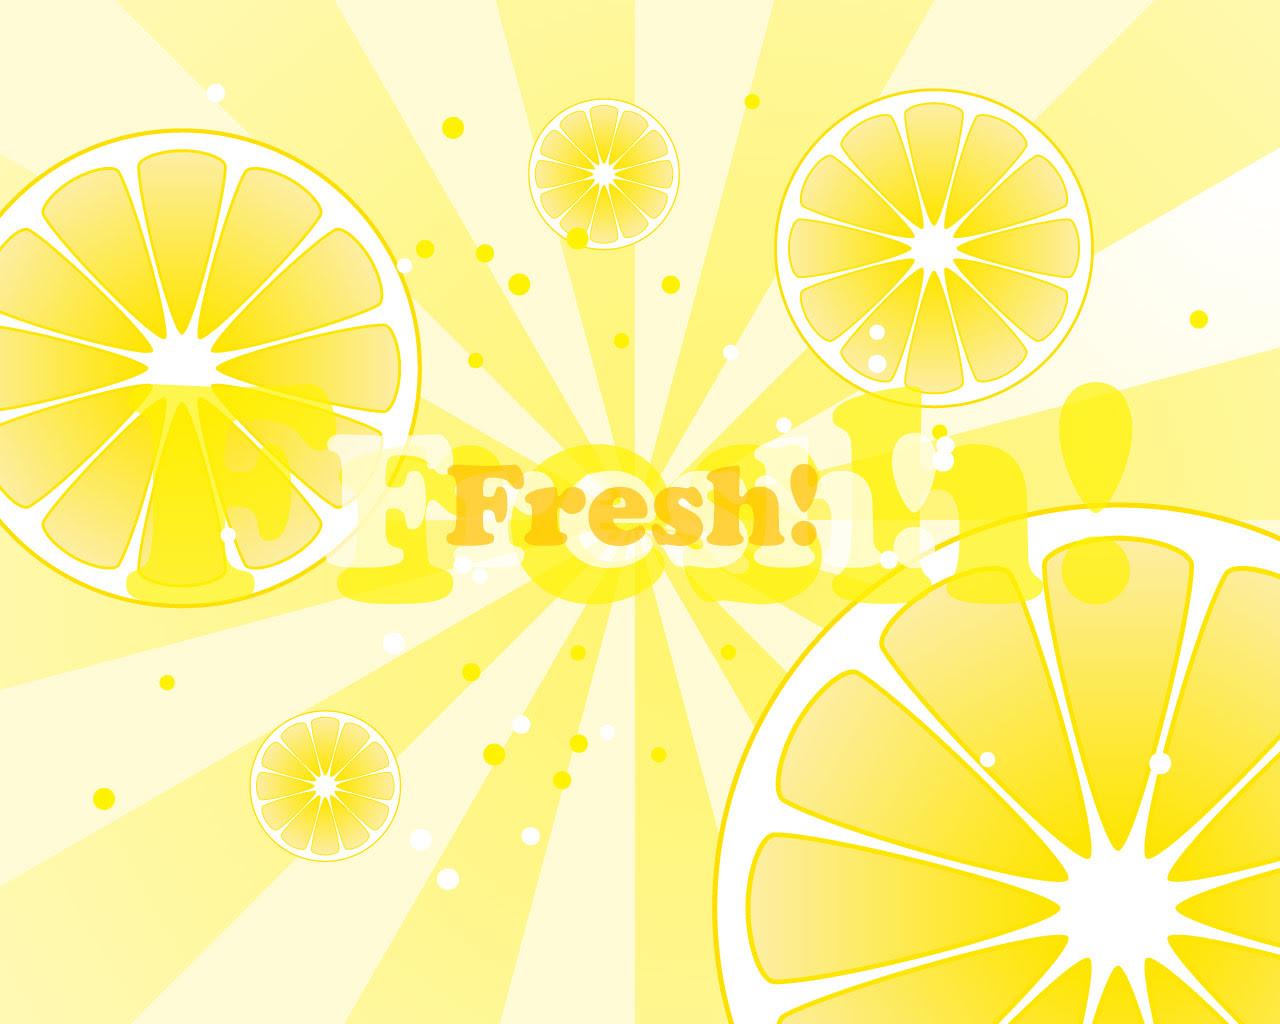 大人気 金運アップ黄色の壁紙 第2弾 風水カラー 黄色 運気